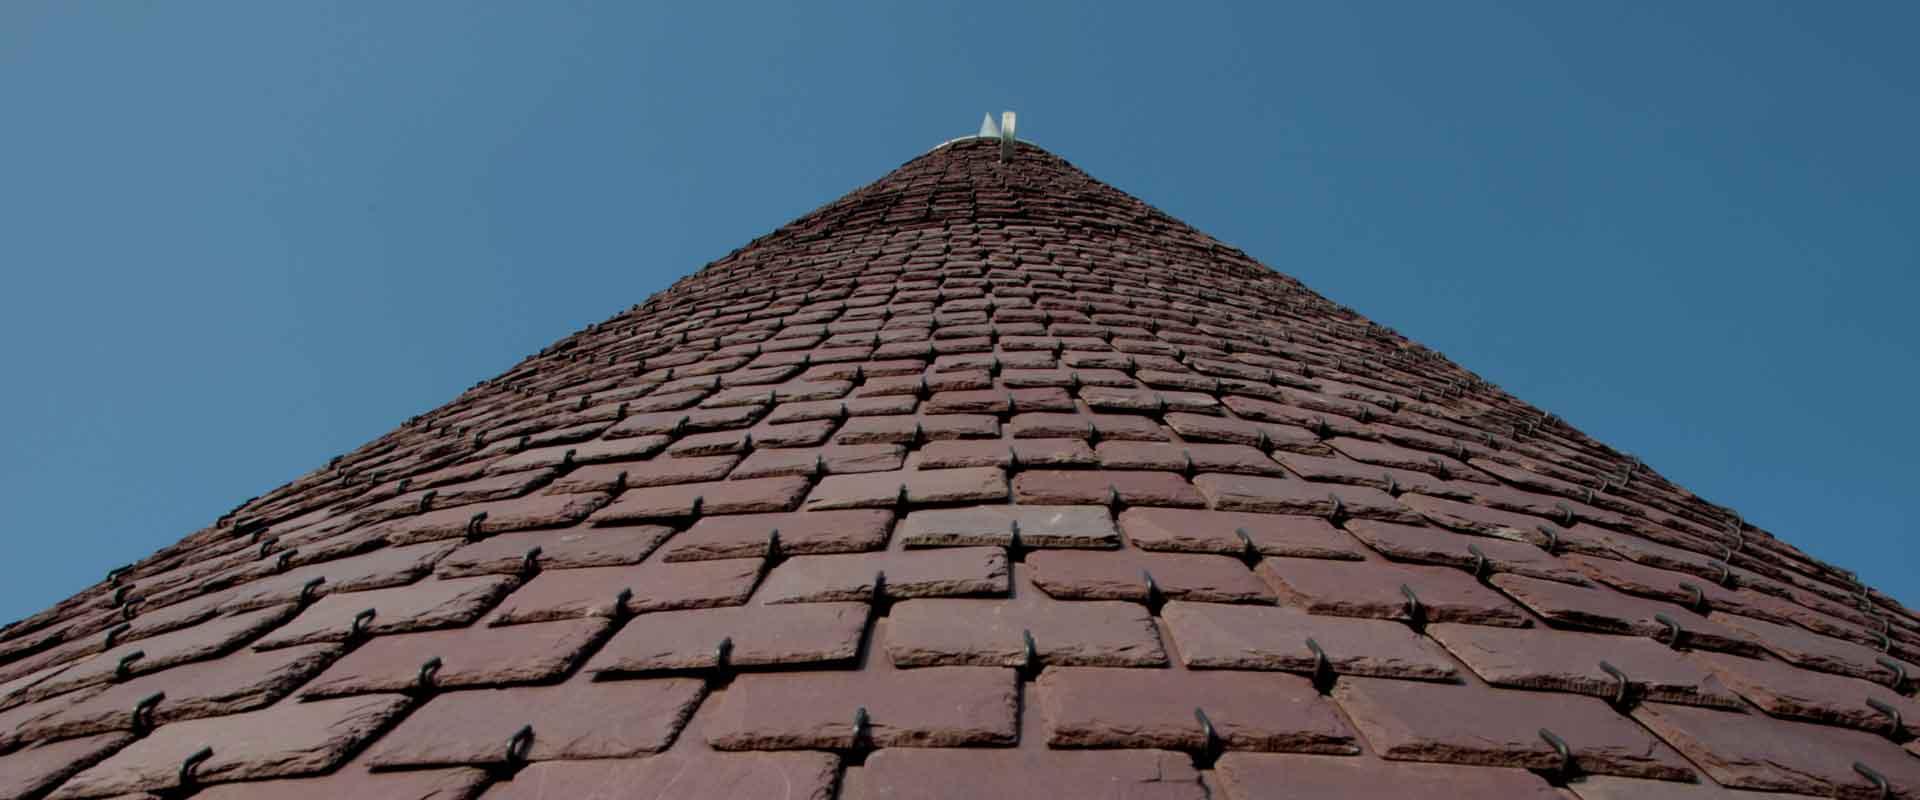 Macullo toiture<br />vu d&#8217;en bas&#8230;